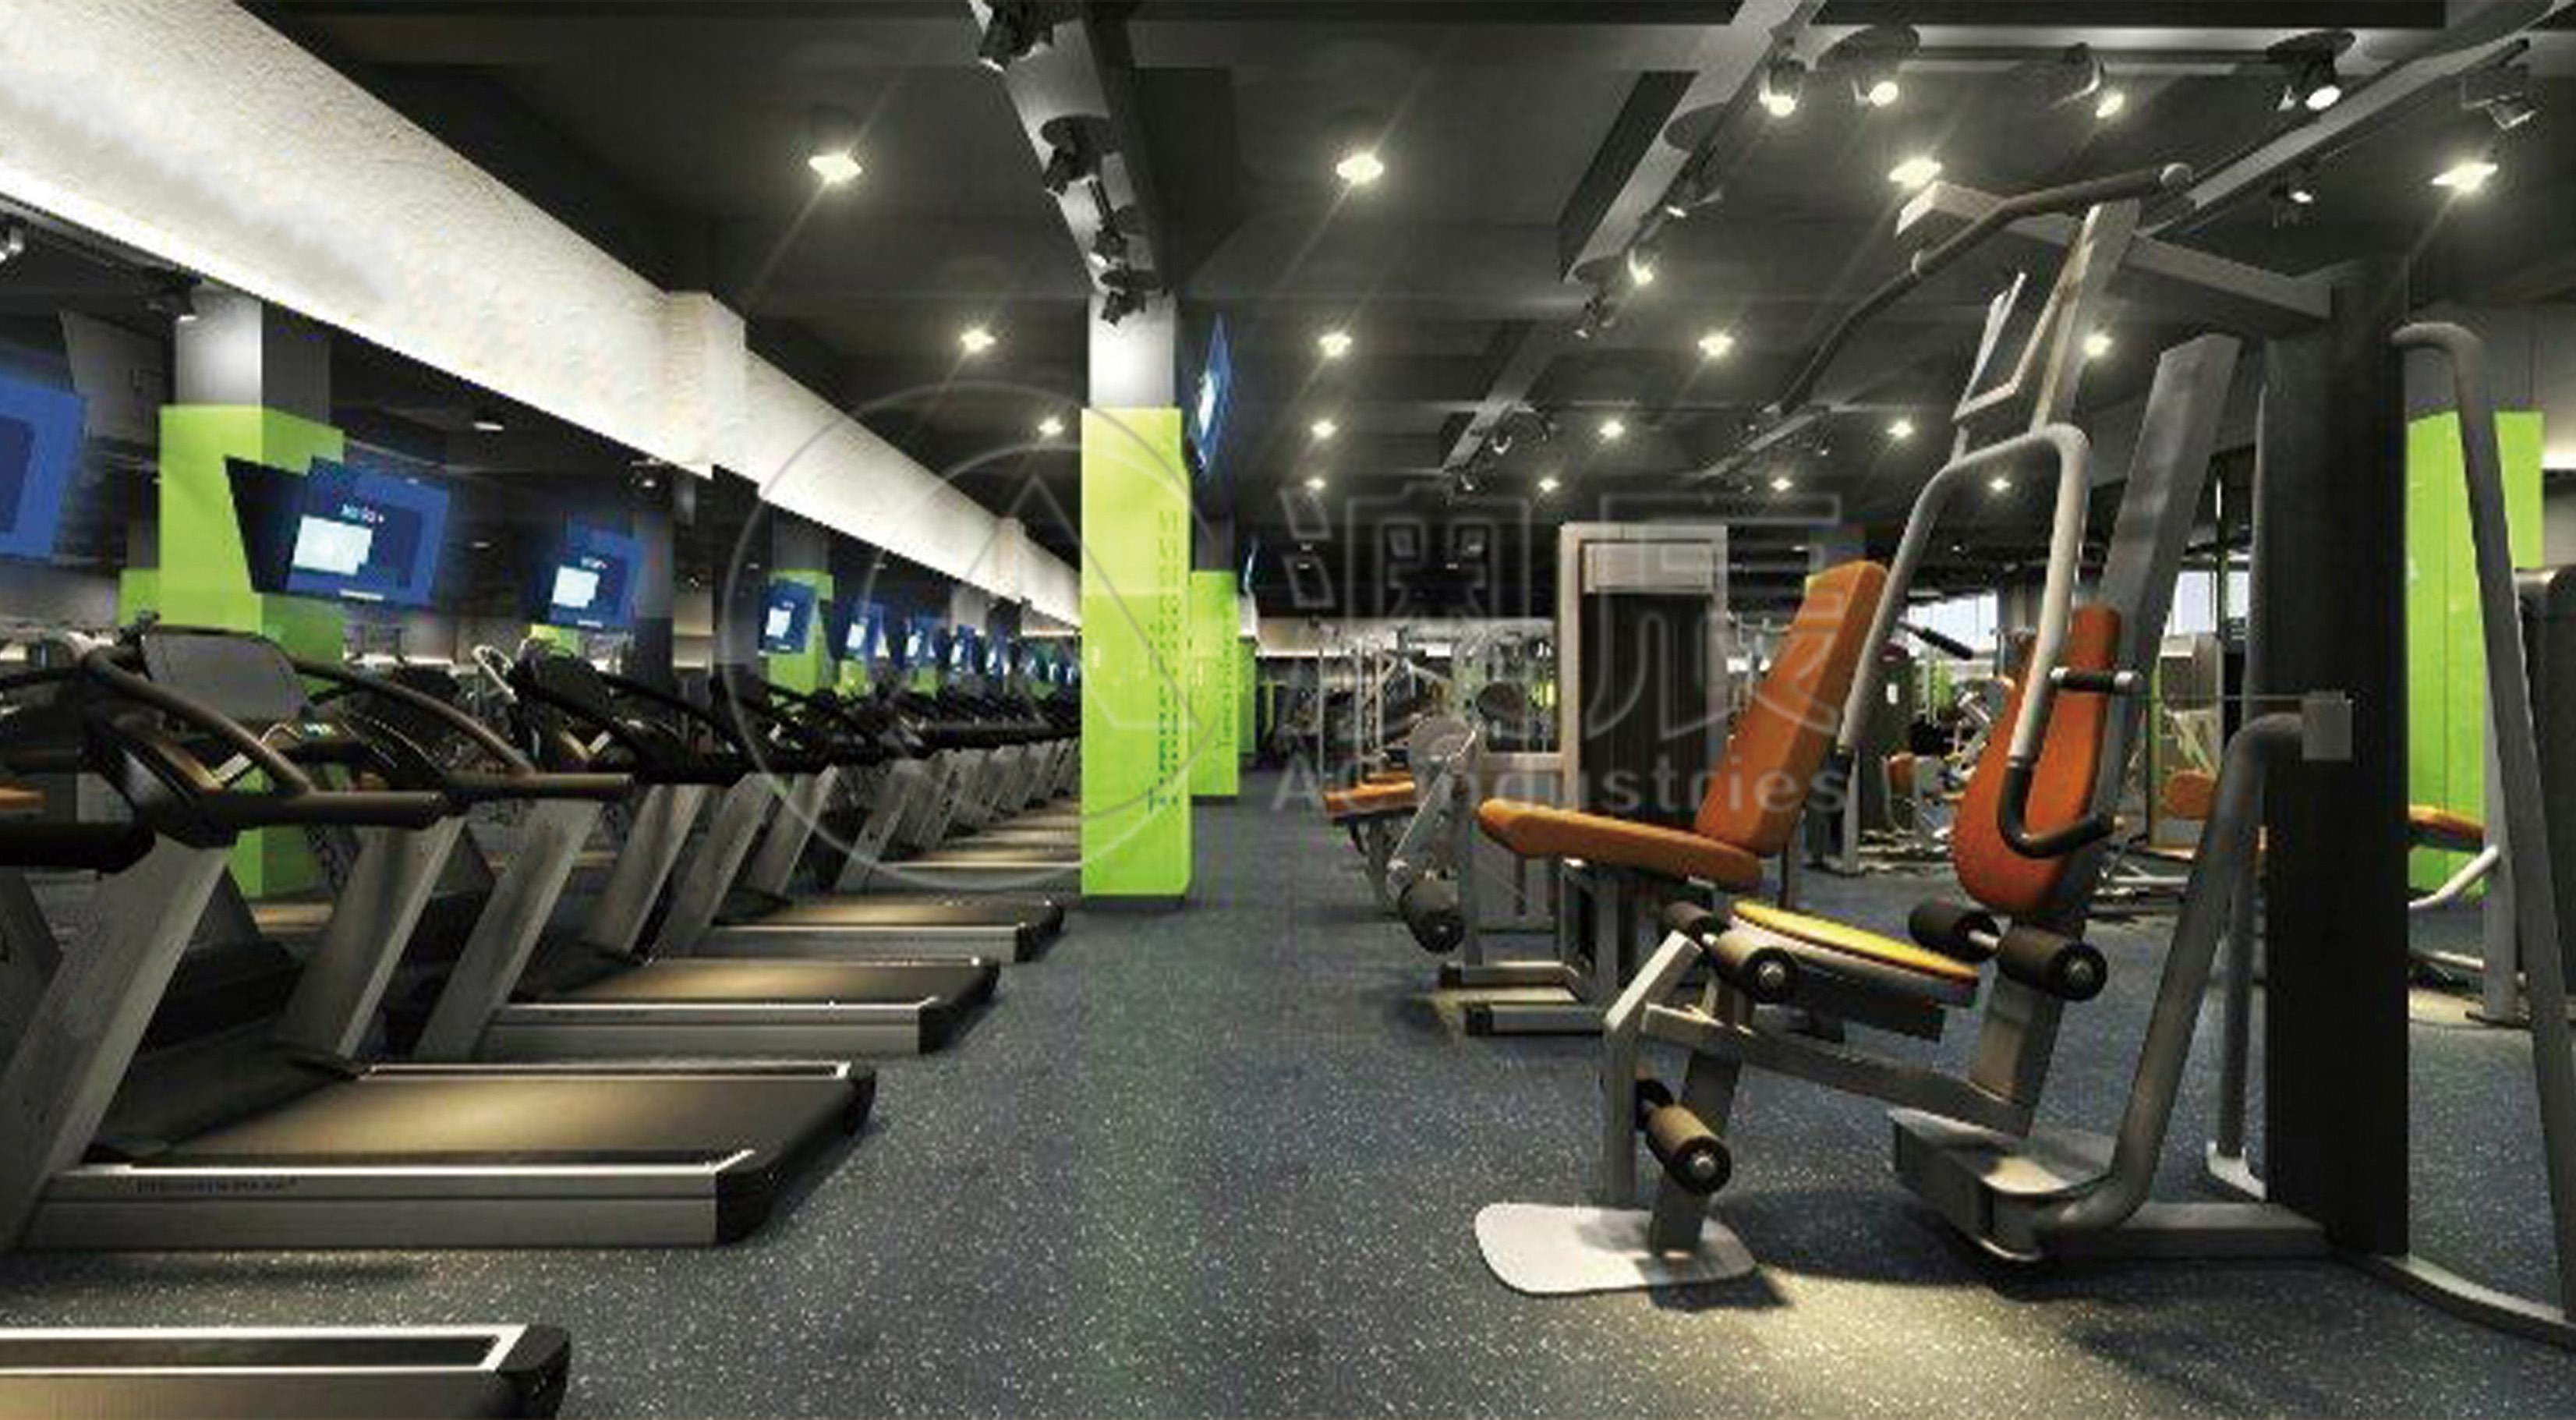 1403 Gym Flooring